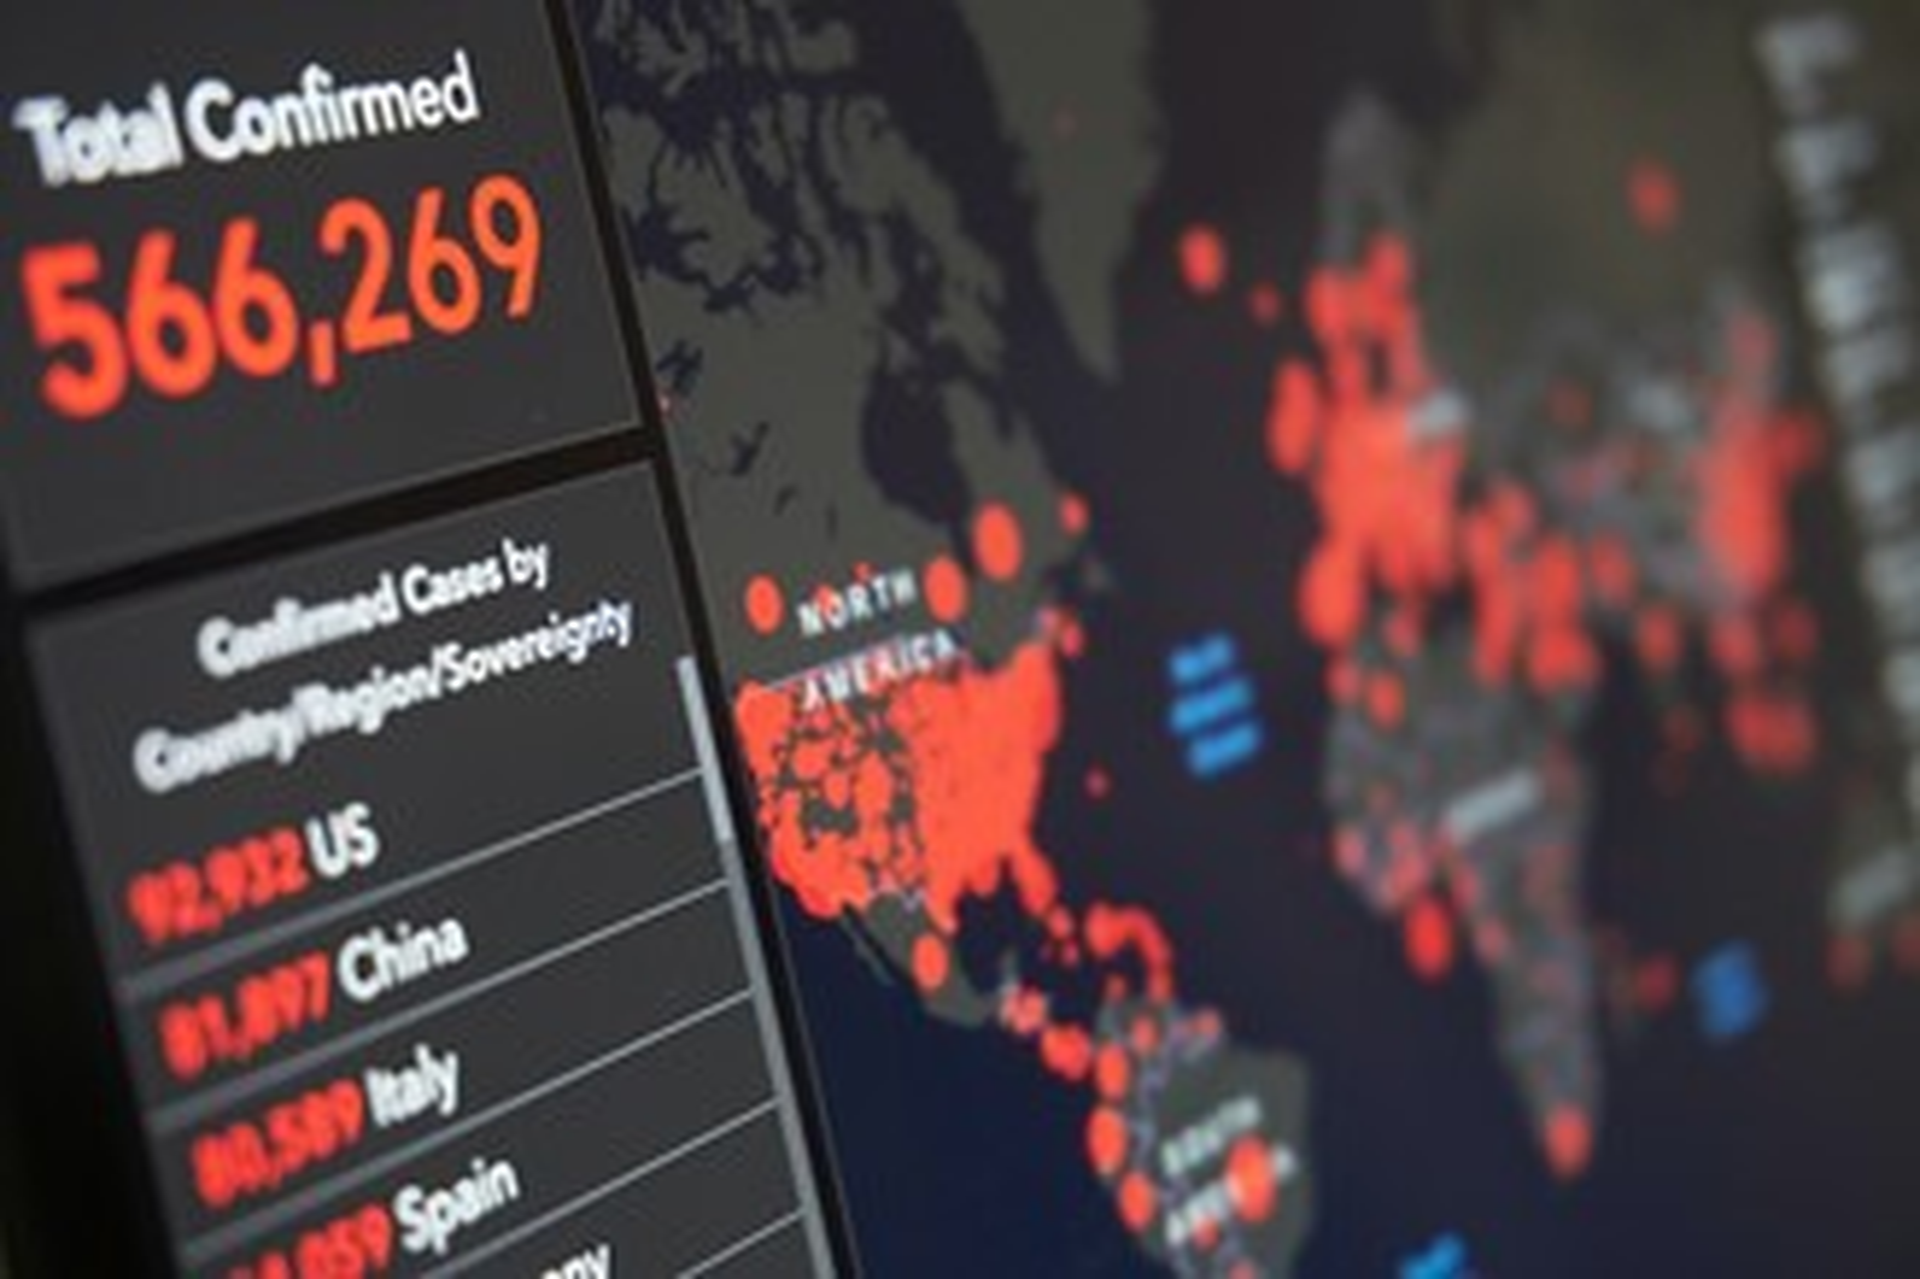 Instituições recorrem ao uso de Inteligência Artificial (IA) para obter dados relevantes ao combate à pandemia. (Fonte: Pexels)